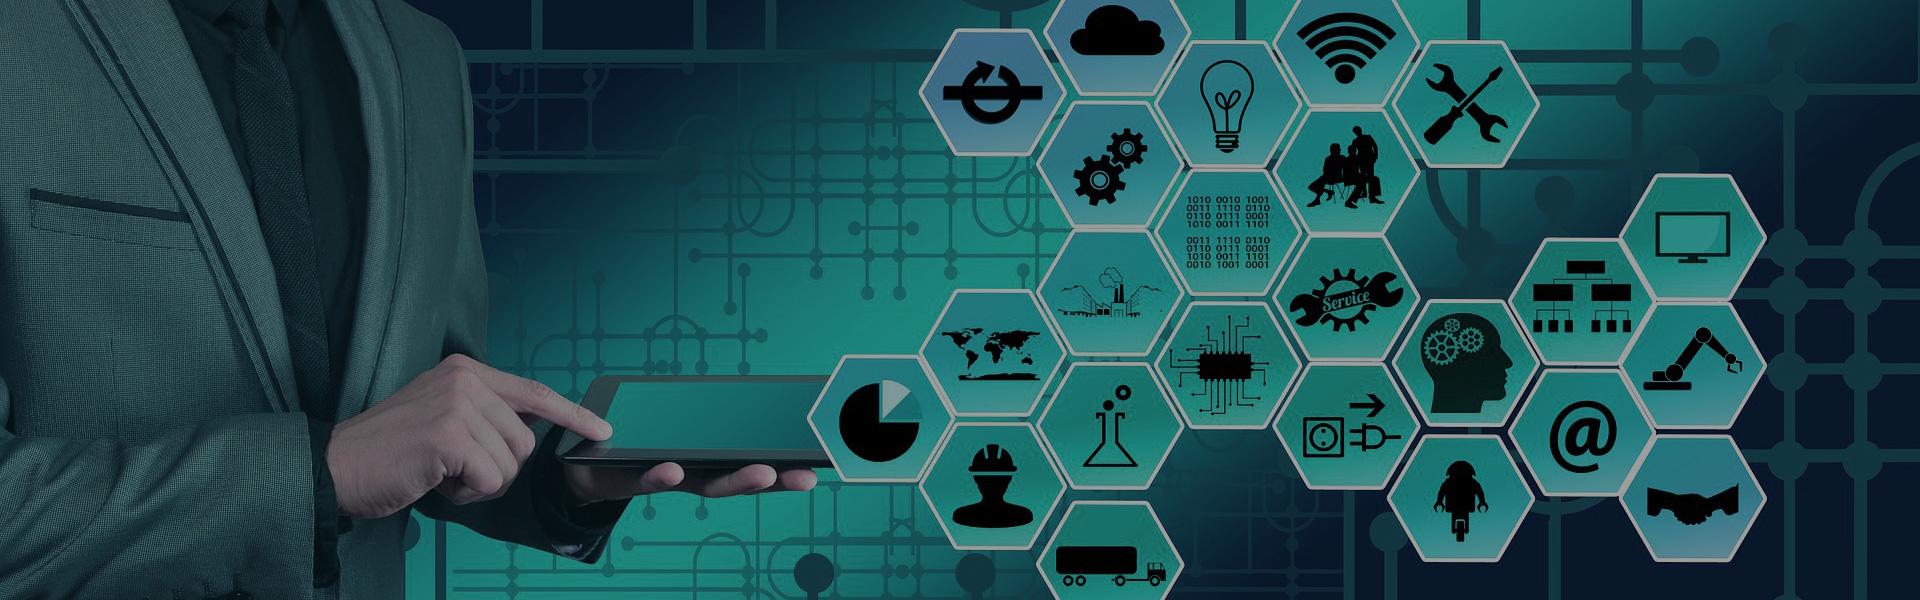 Kommunikations- und Netzwerktechnik Kommunikations- und Netzwerktechnik Telefonie, Funk, Digitalfunktechnik Herstellung von IT-Infrastruktur